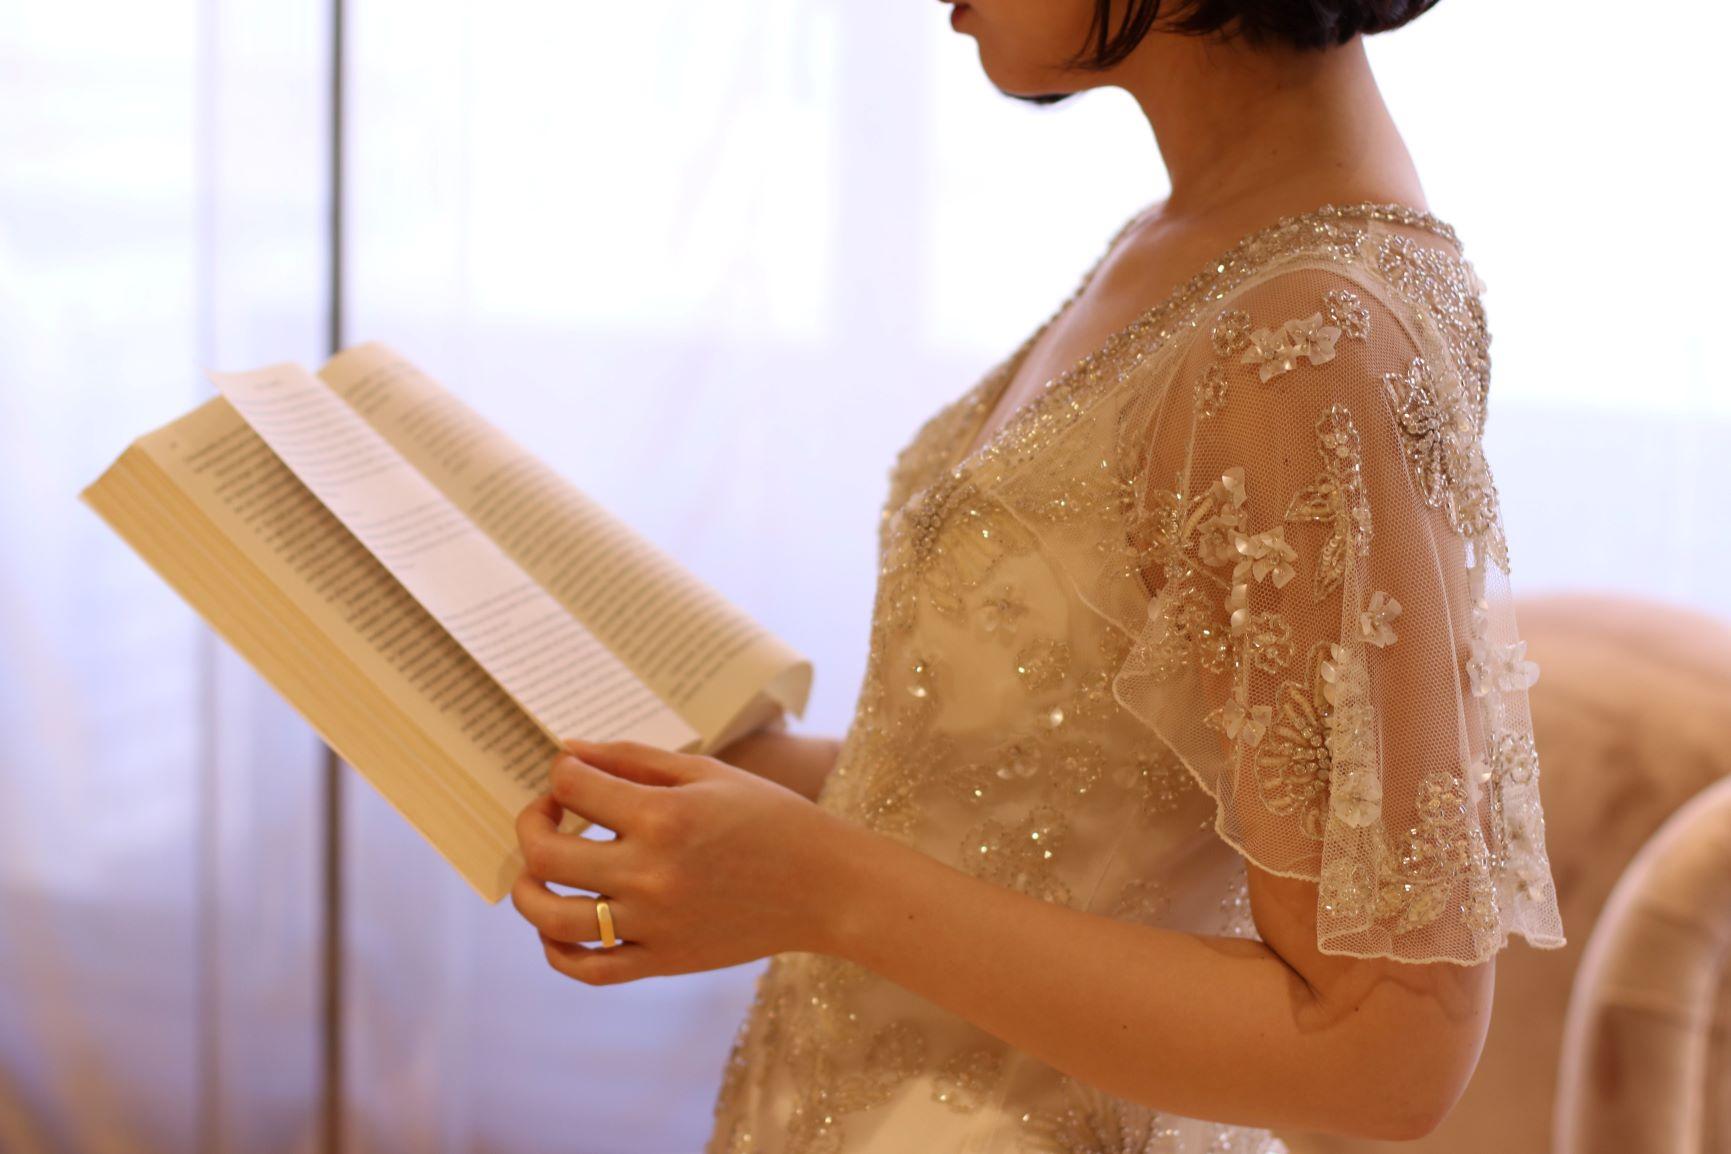 海外映画のようなビンテージ感あふれるお洒落なドレスは、お色直しの1着としてもご提案したいTHETREATDRESSINGのインポートドレスです